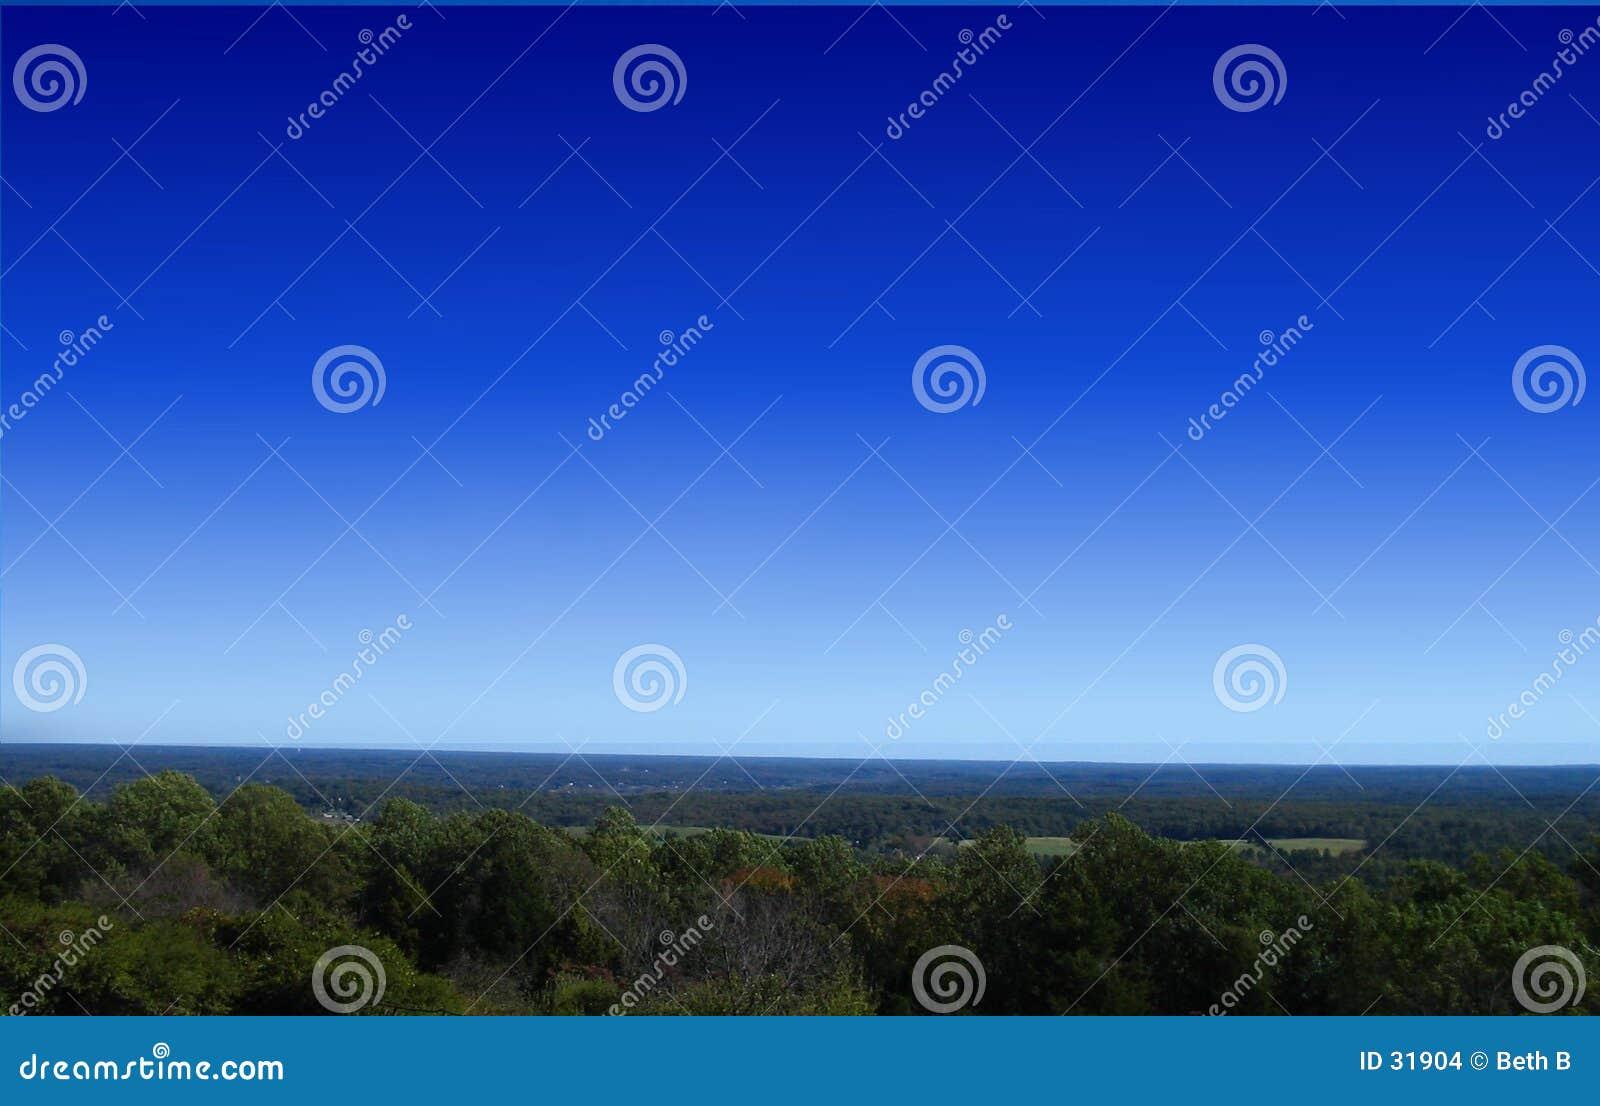 Download Pasmo górskie zdjęcie stock. Obraz złożonej z błękitny, krajobraz - 31904